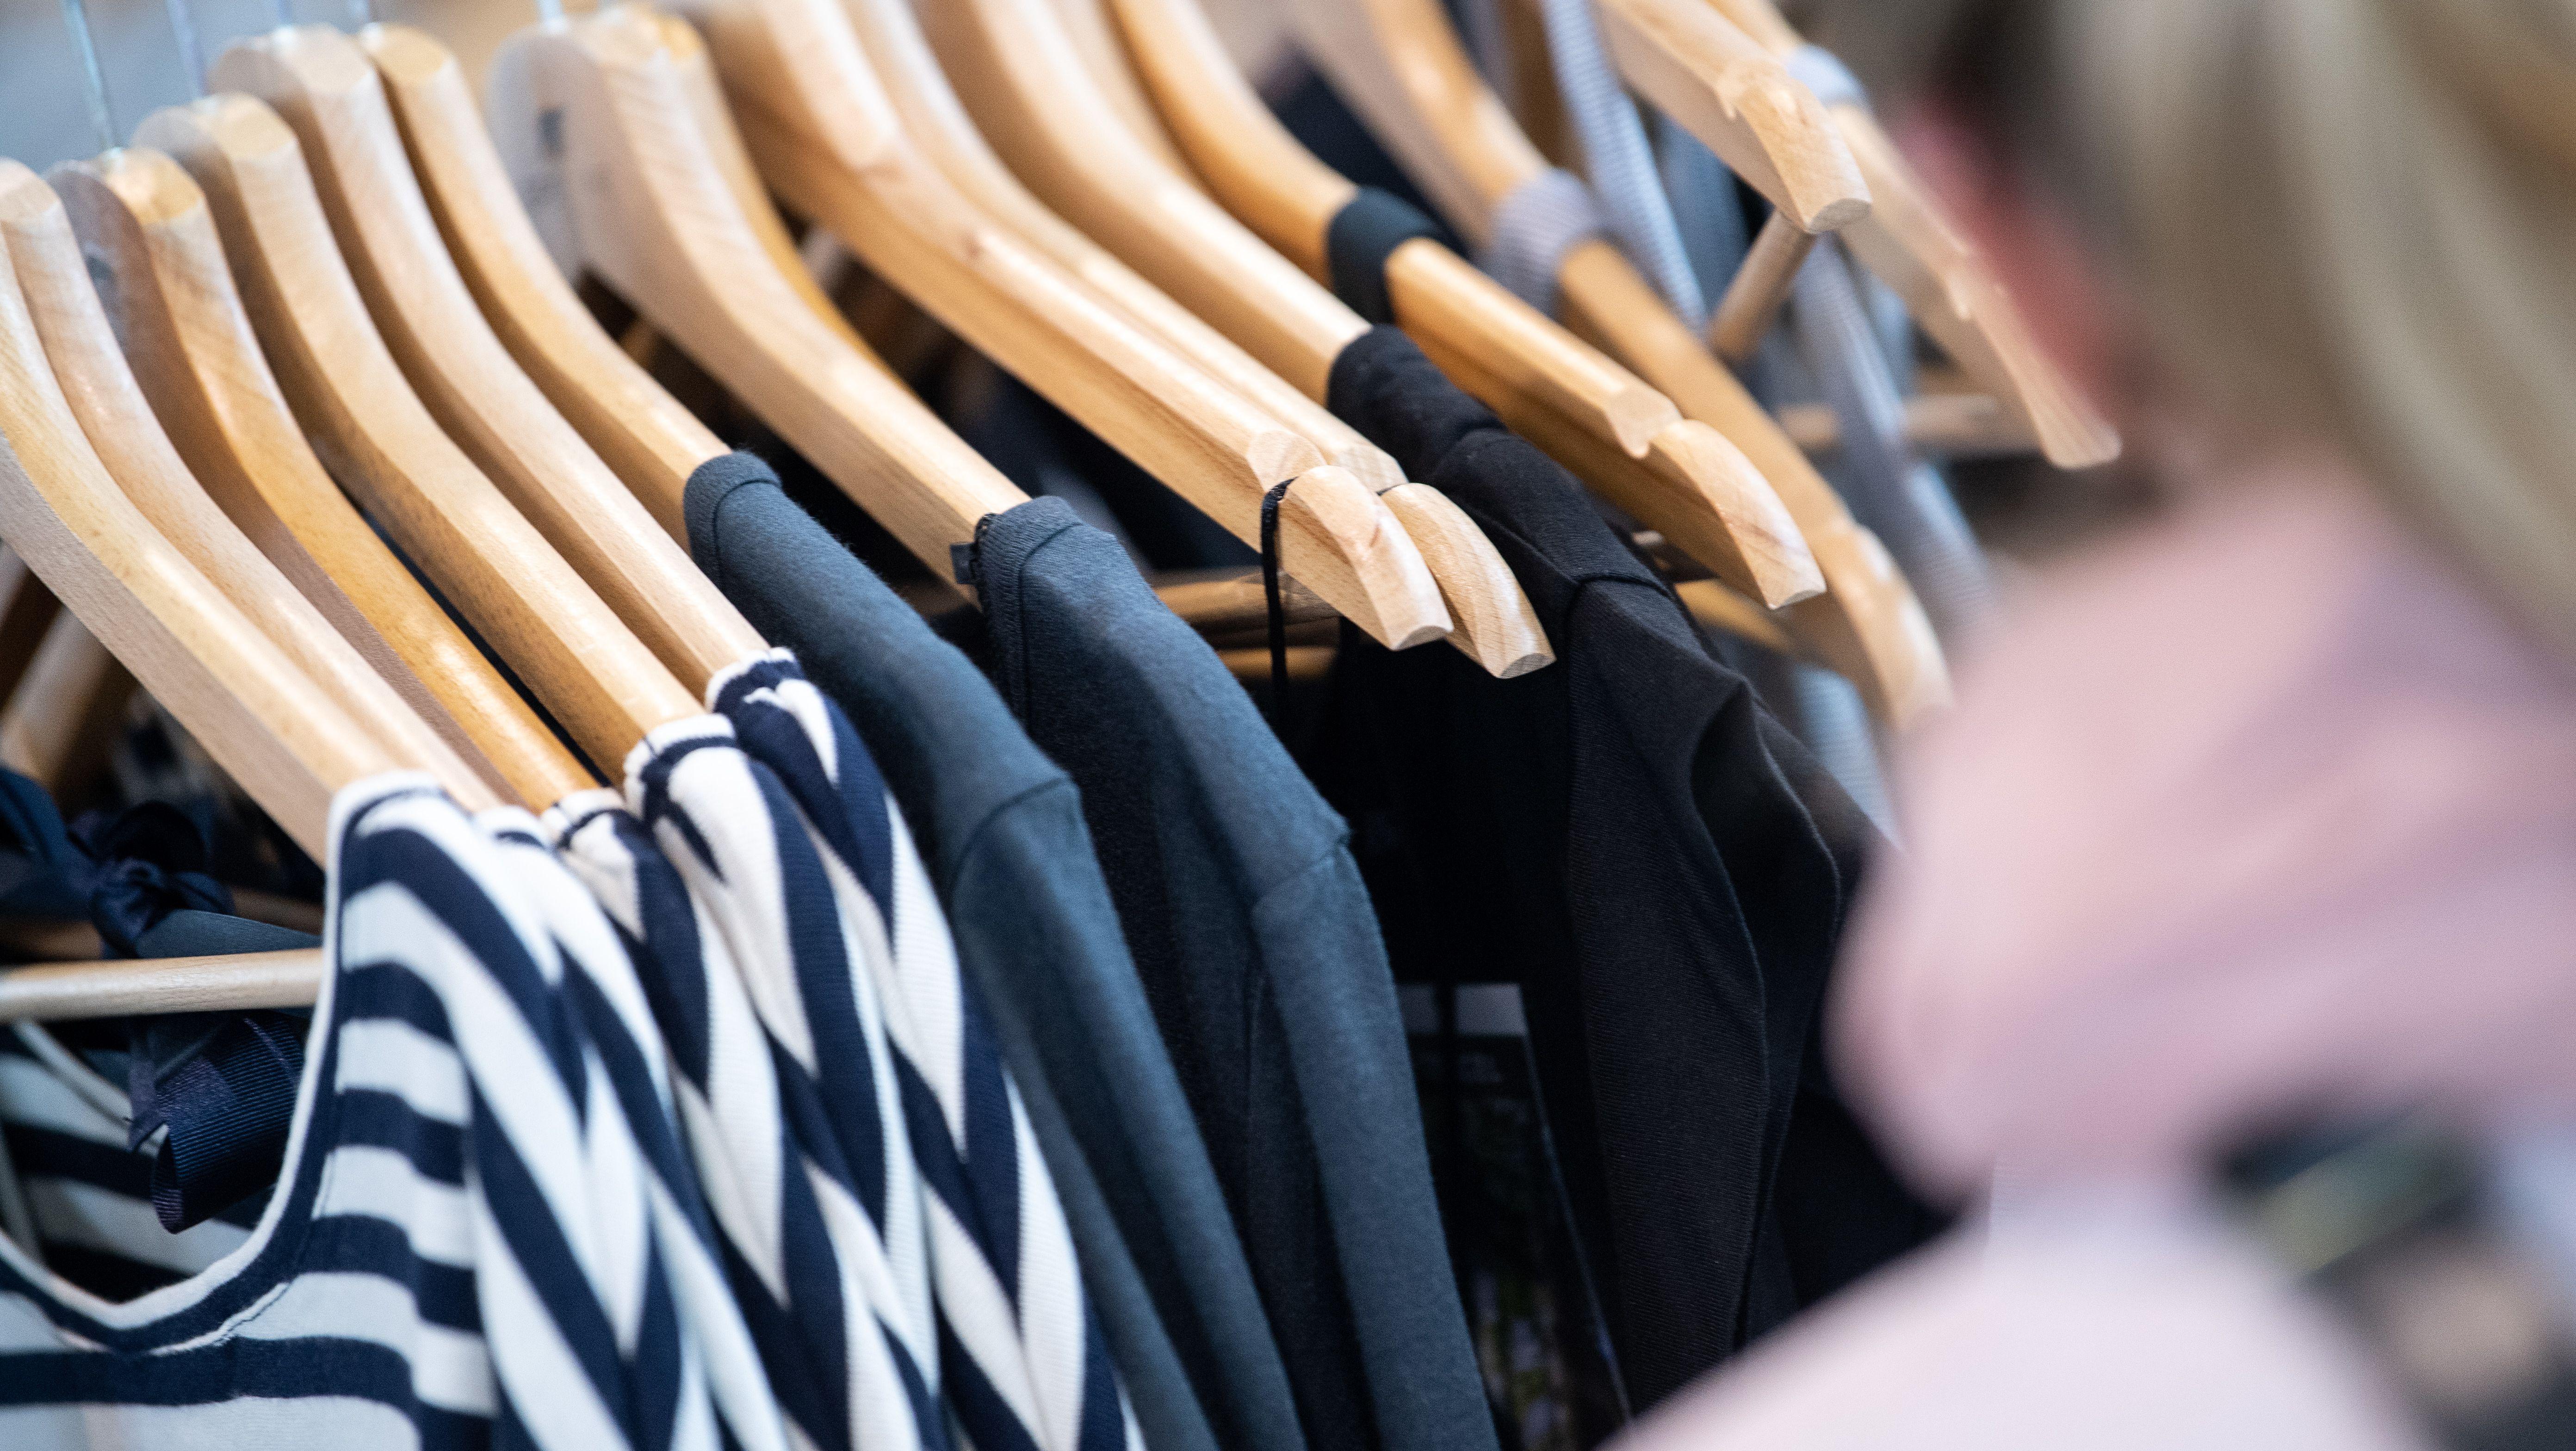 Klamotten hängen auf Kleiderbügeln an einer Kleiderstange.